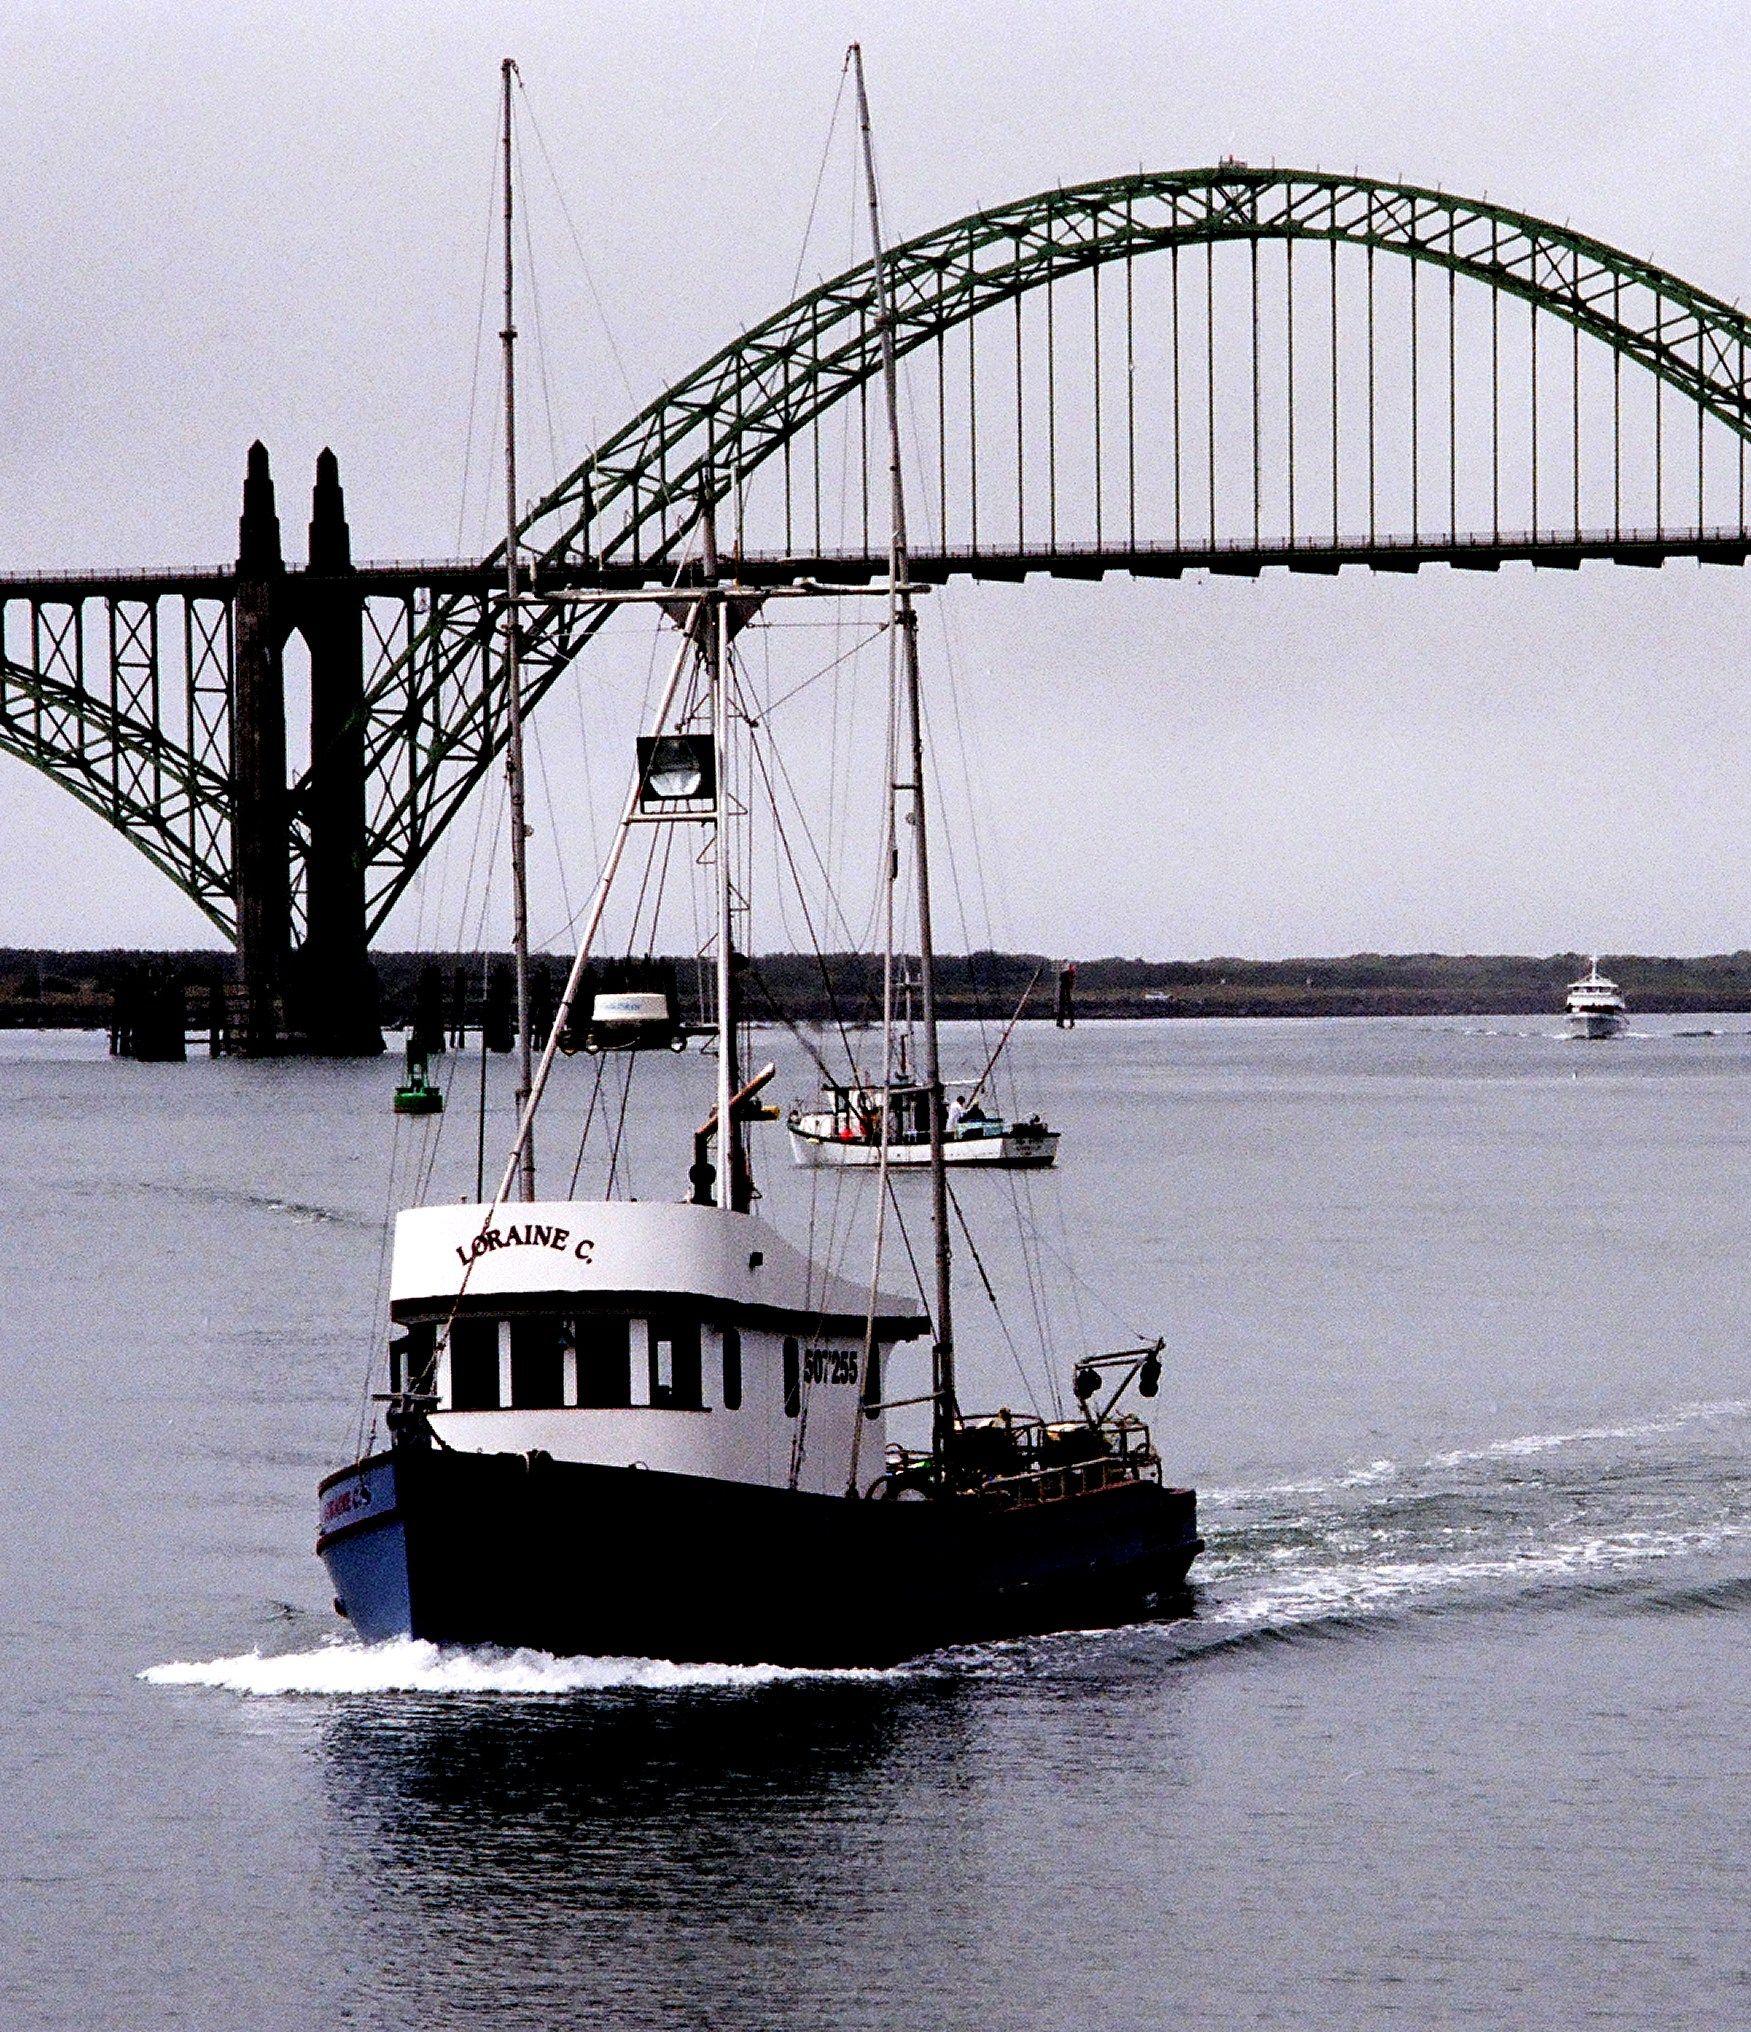 Fishing boat at Yaquina Bay Bridge, Newport, Oregon. See more photos ...